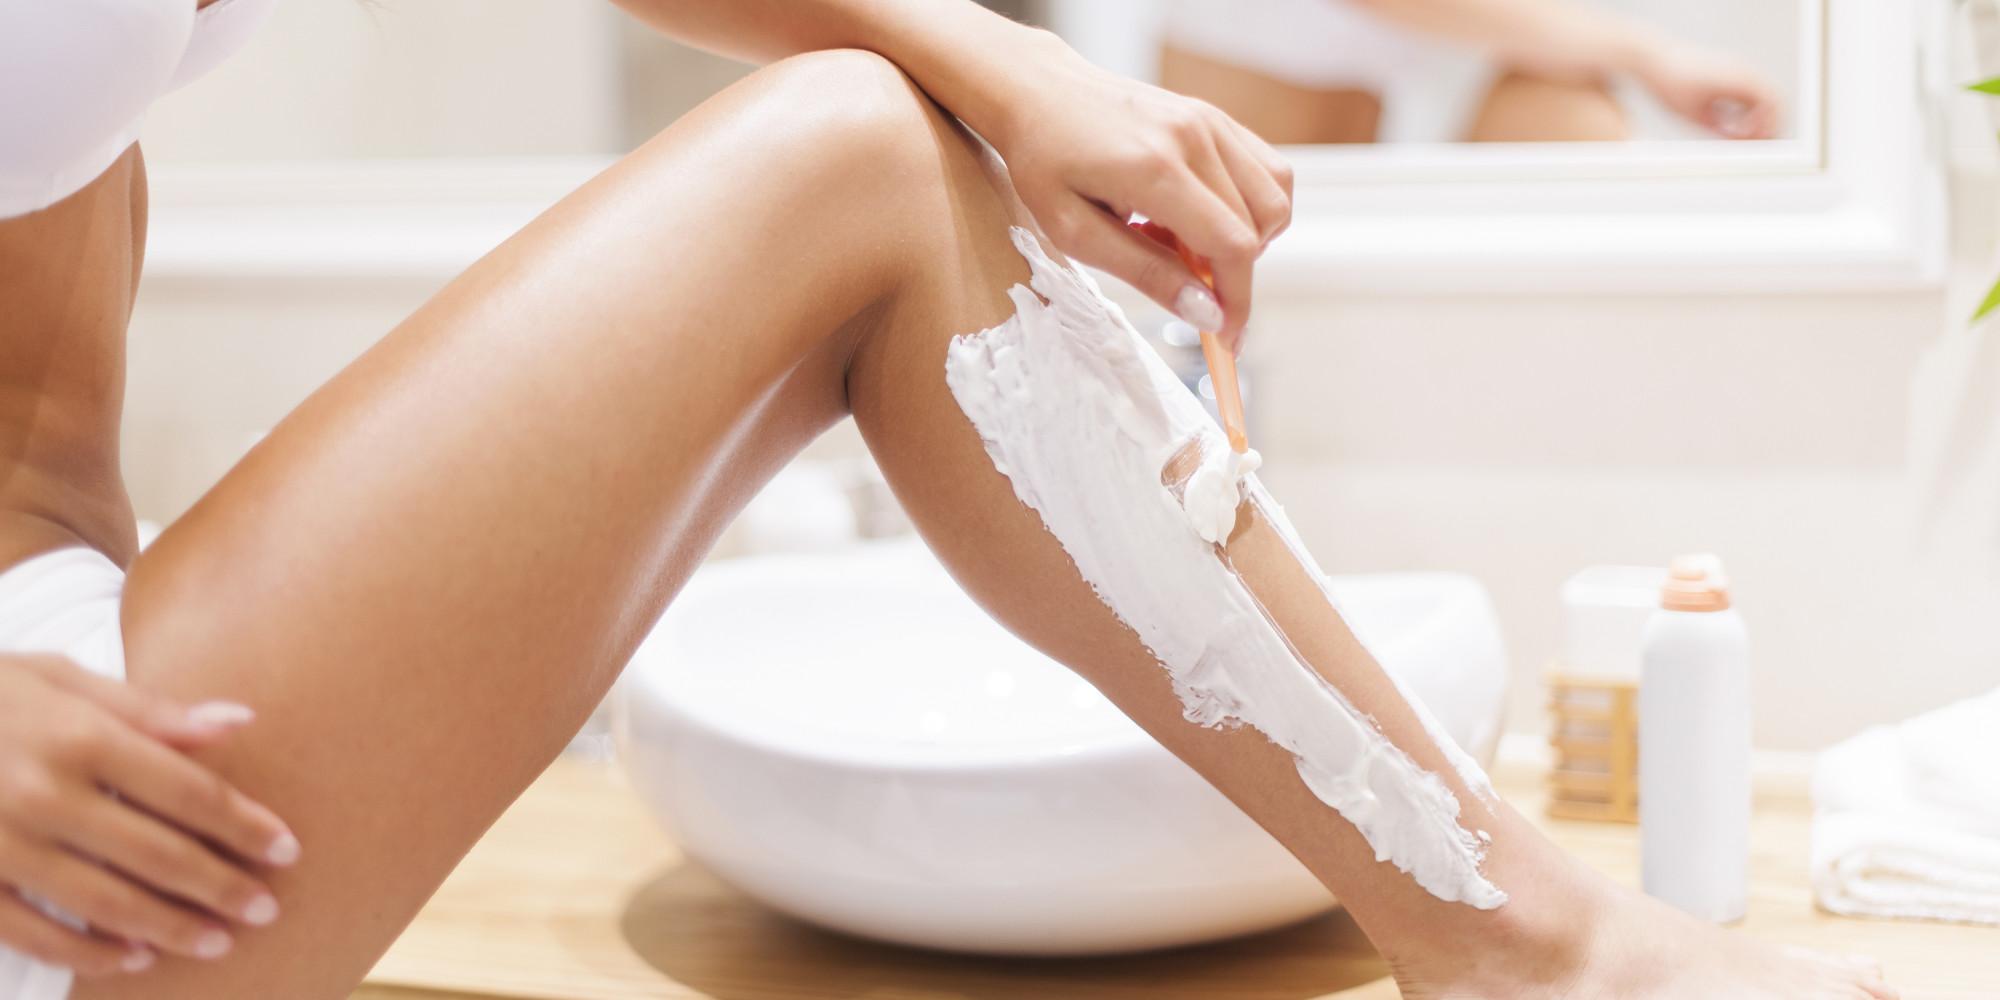 o-WOMAN-SHAVING-LEGS-facebook